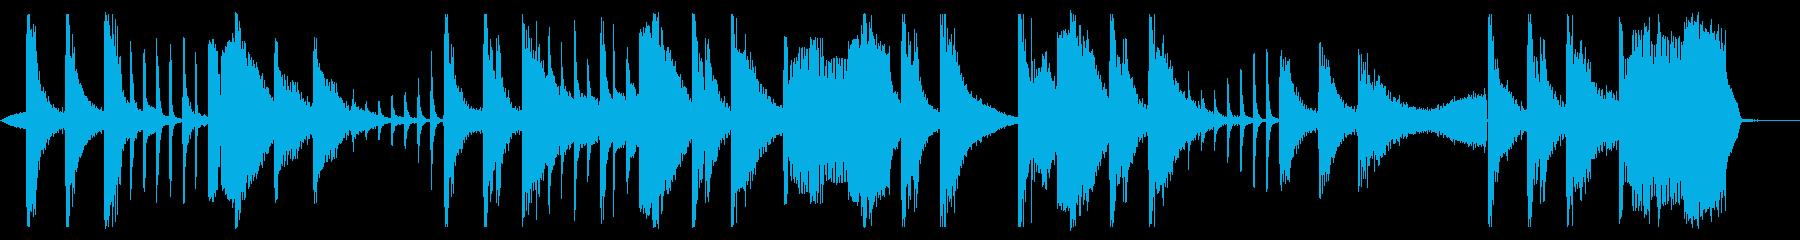 ホーンとシンセのエレクトロポップの再生済みの波形